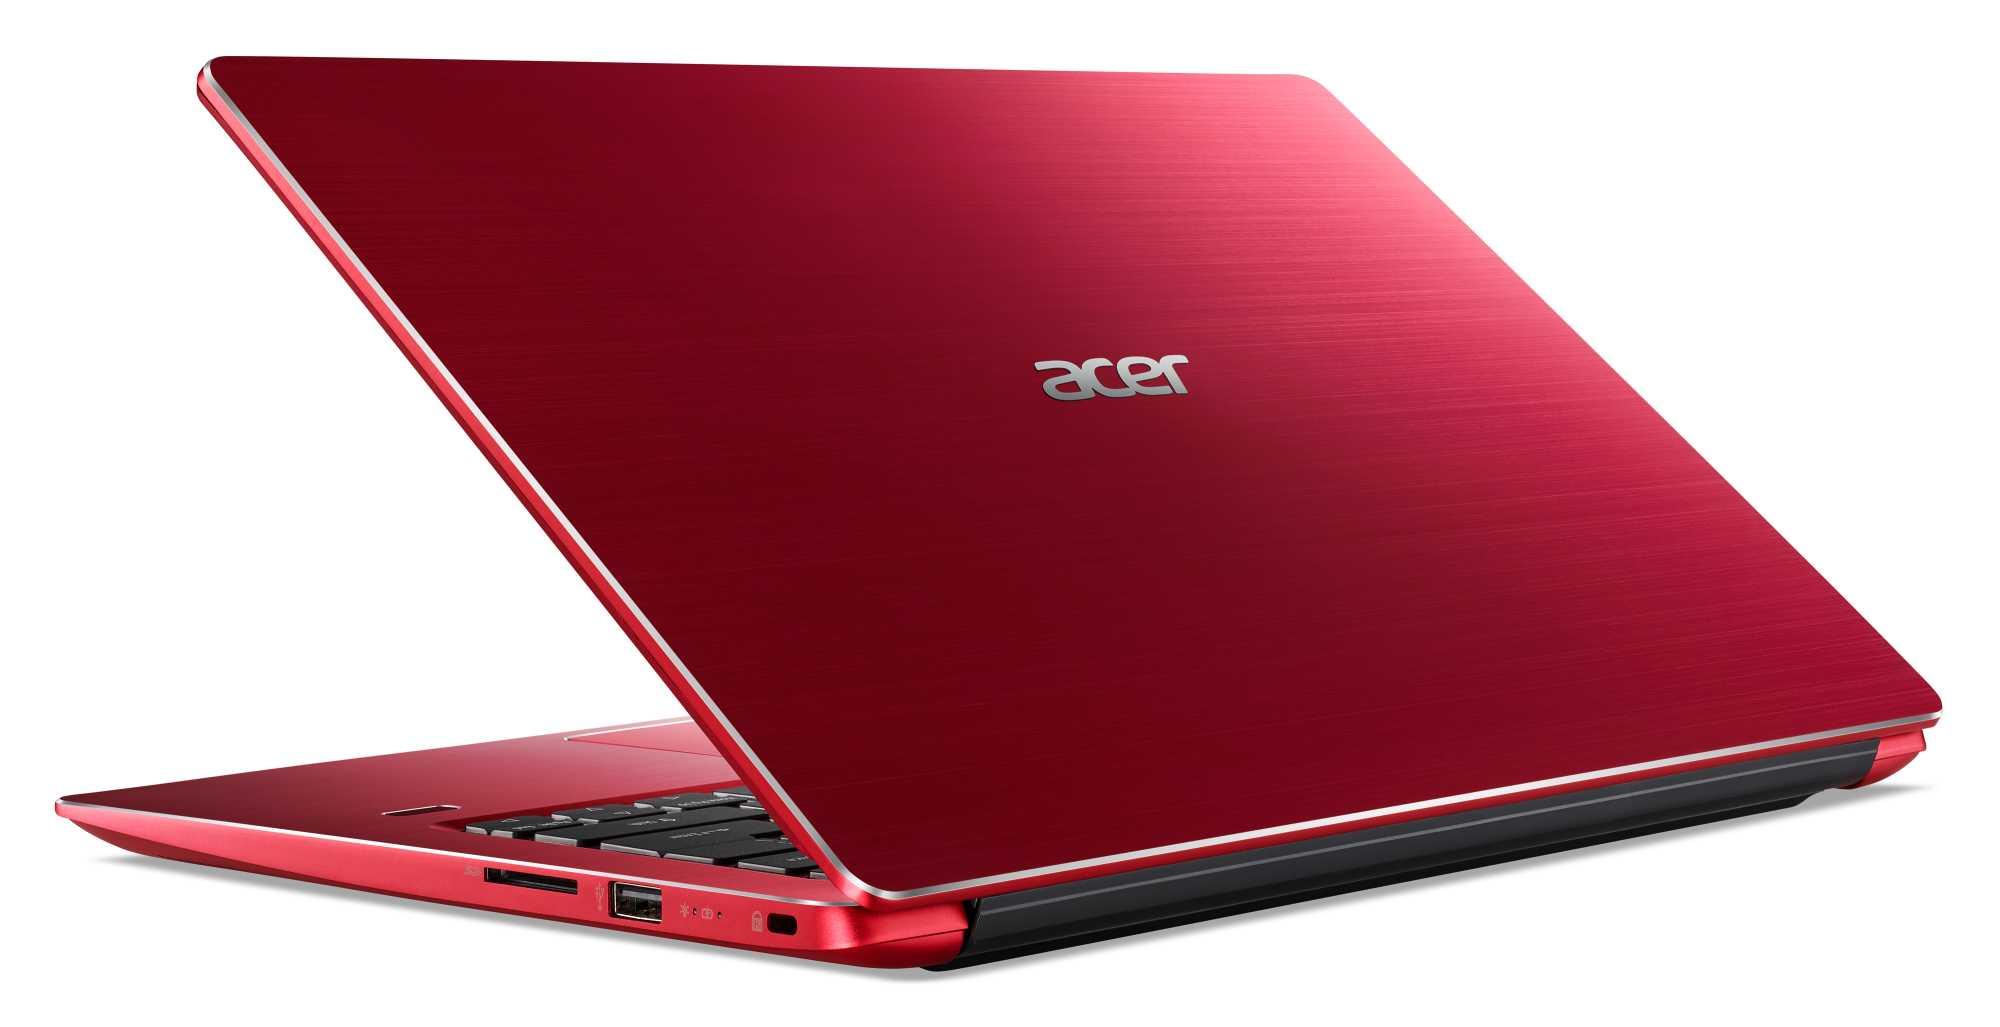 Das Acer Swift 3 gibt es in der 14-Zoll-Variante in mehreren kräftigen Farbtönen.